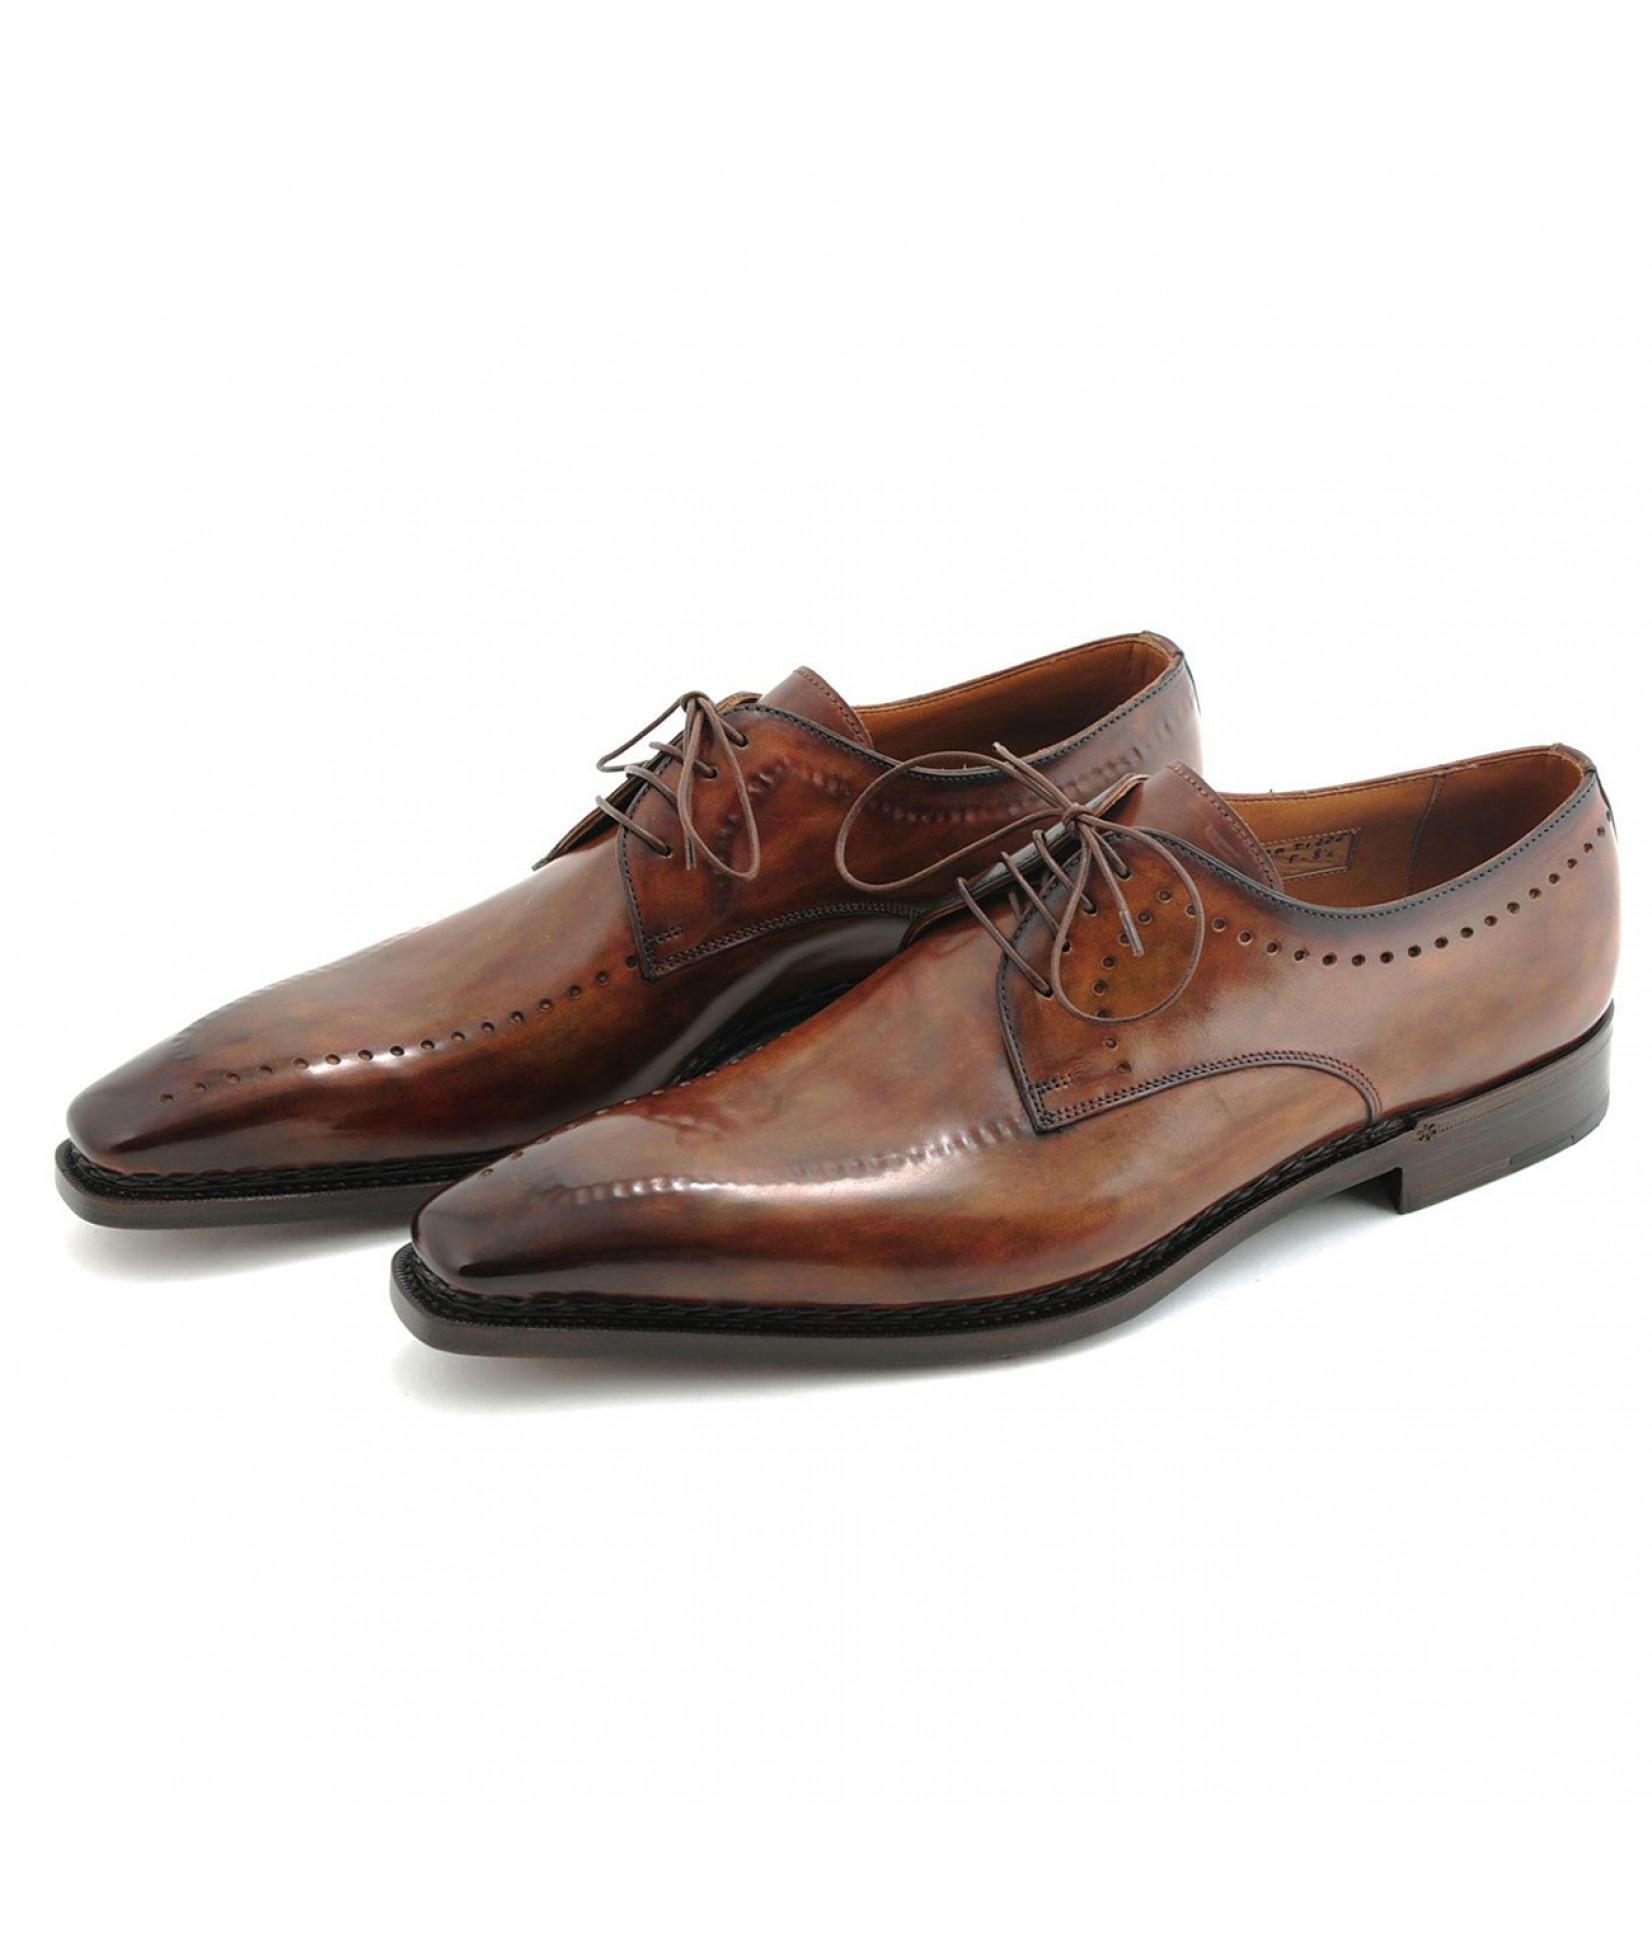 Santoni Tiesto限量版皮鞋 (19980)